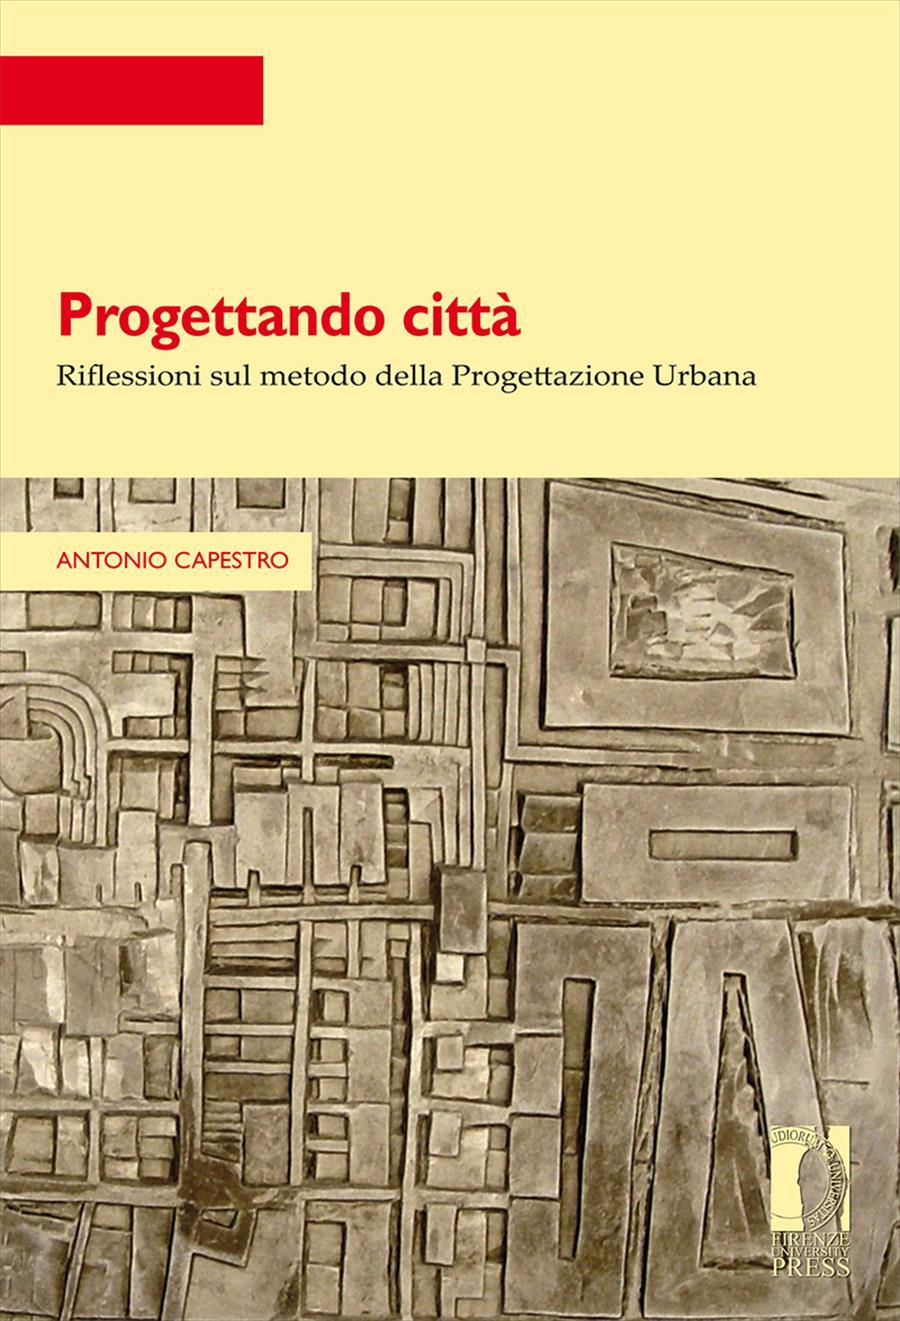 Progettando città